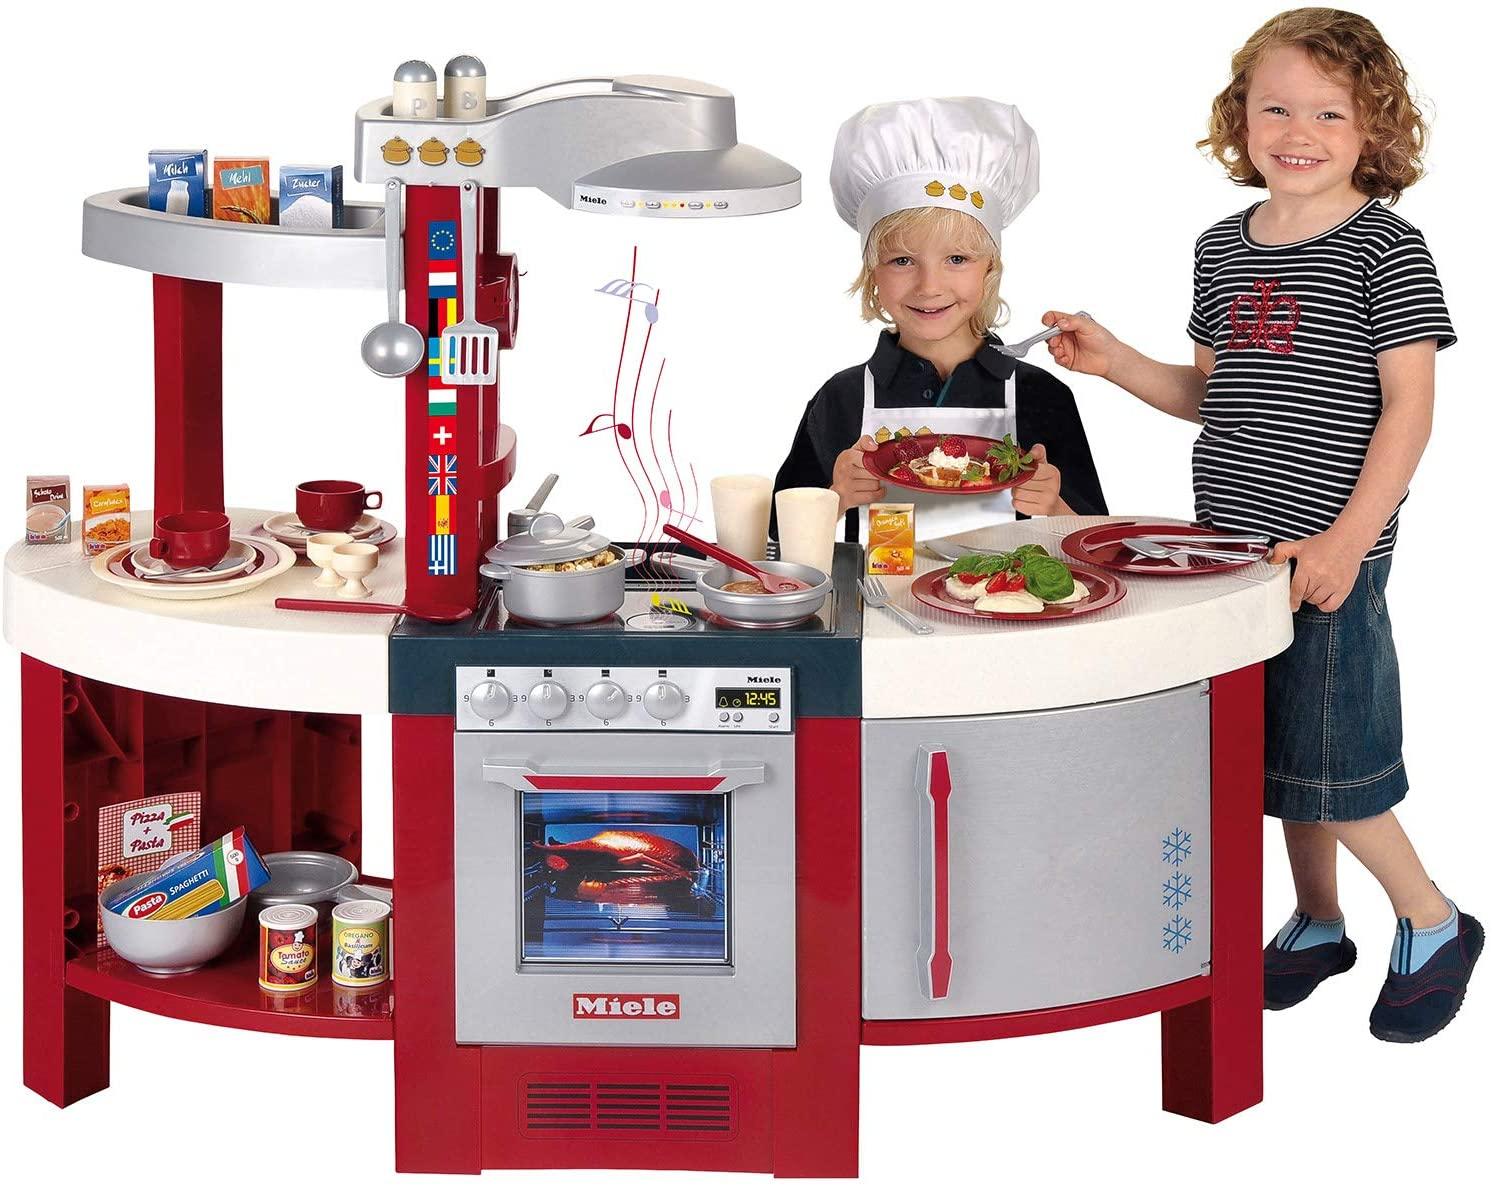 La cuisine jouet Klein Miele Gourmet Internatinal a plusieurs espaces de rangements.